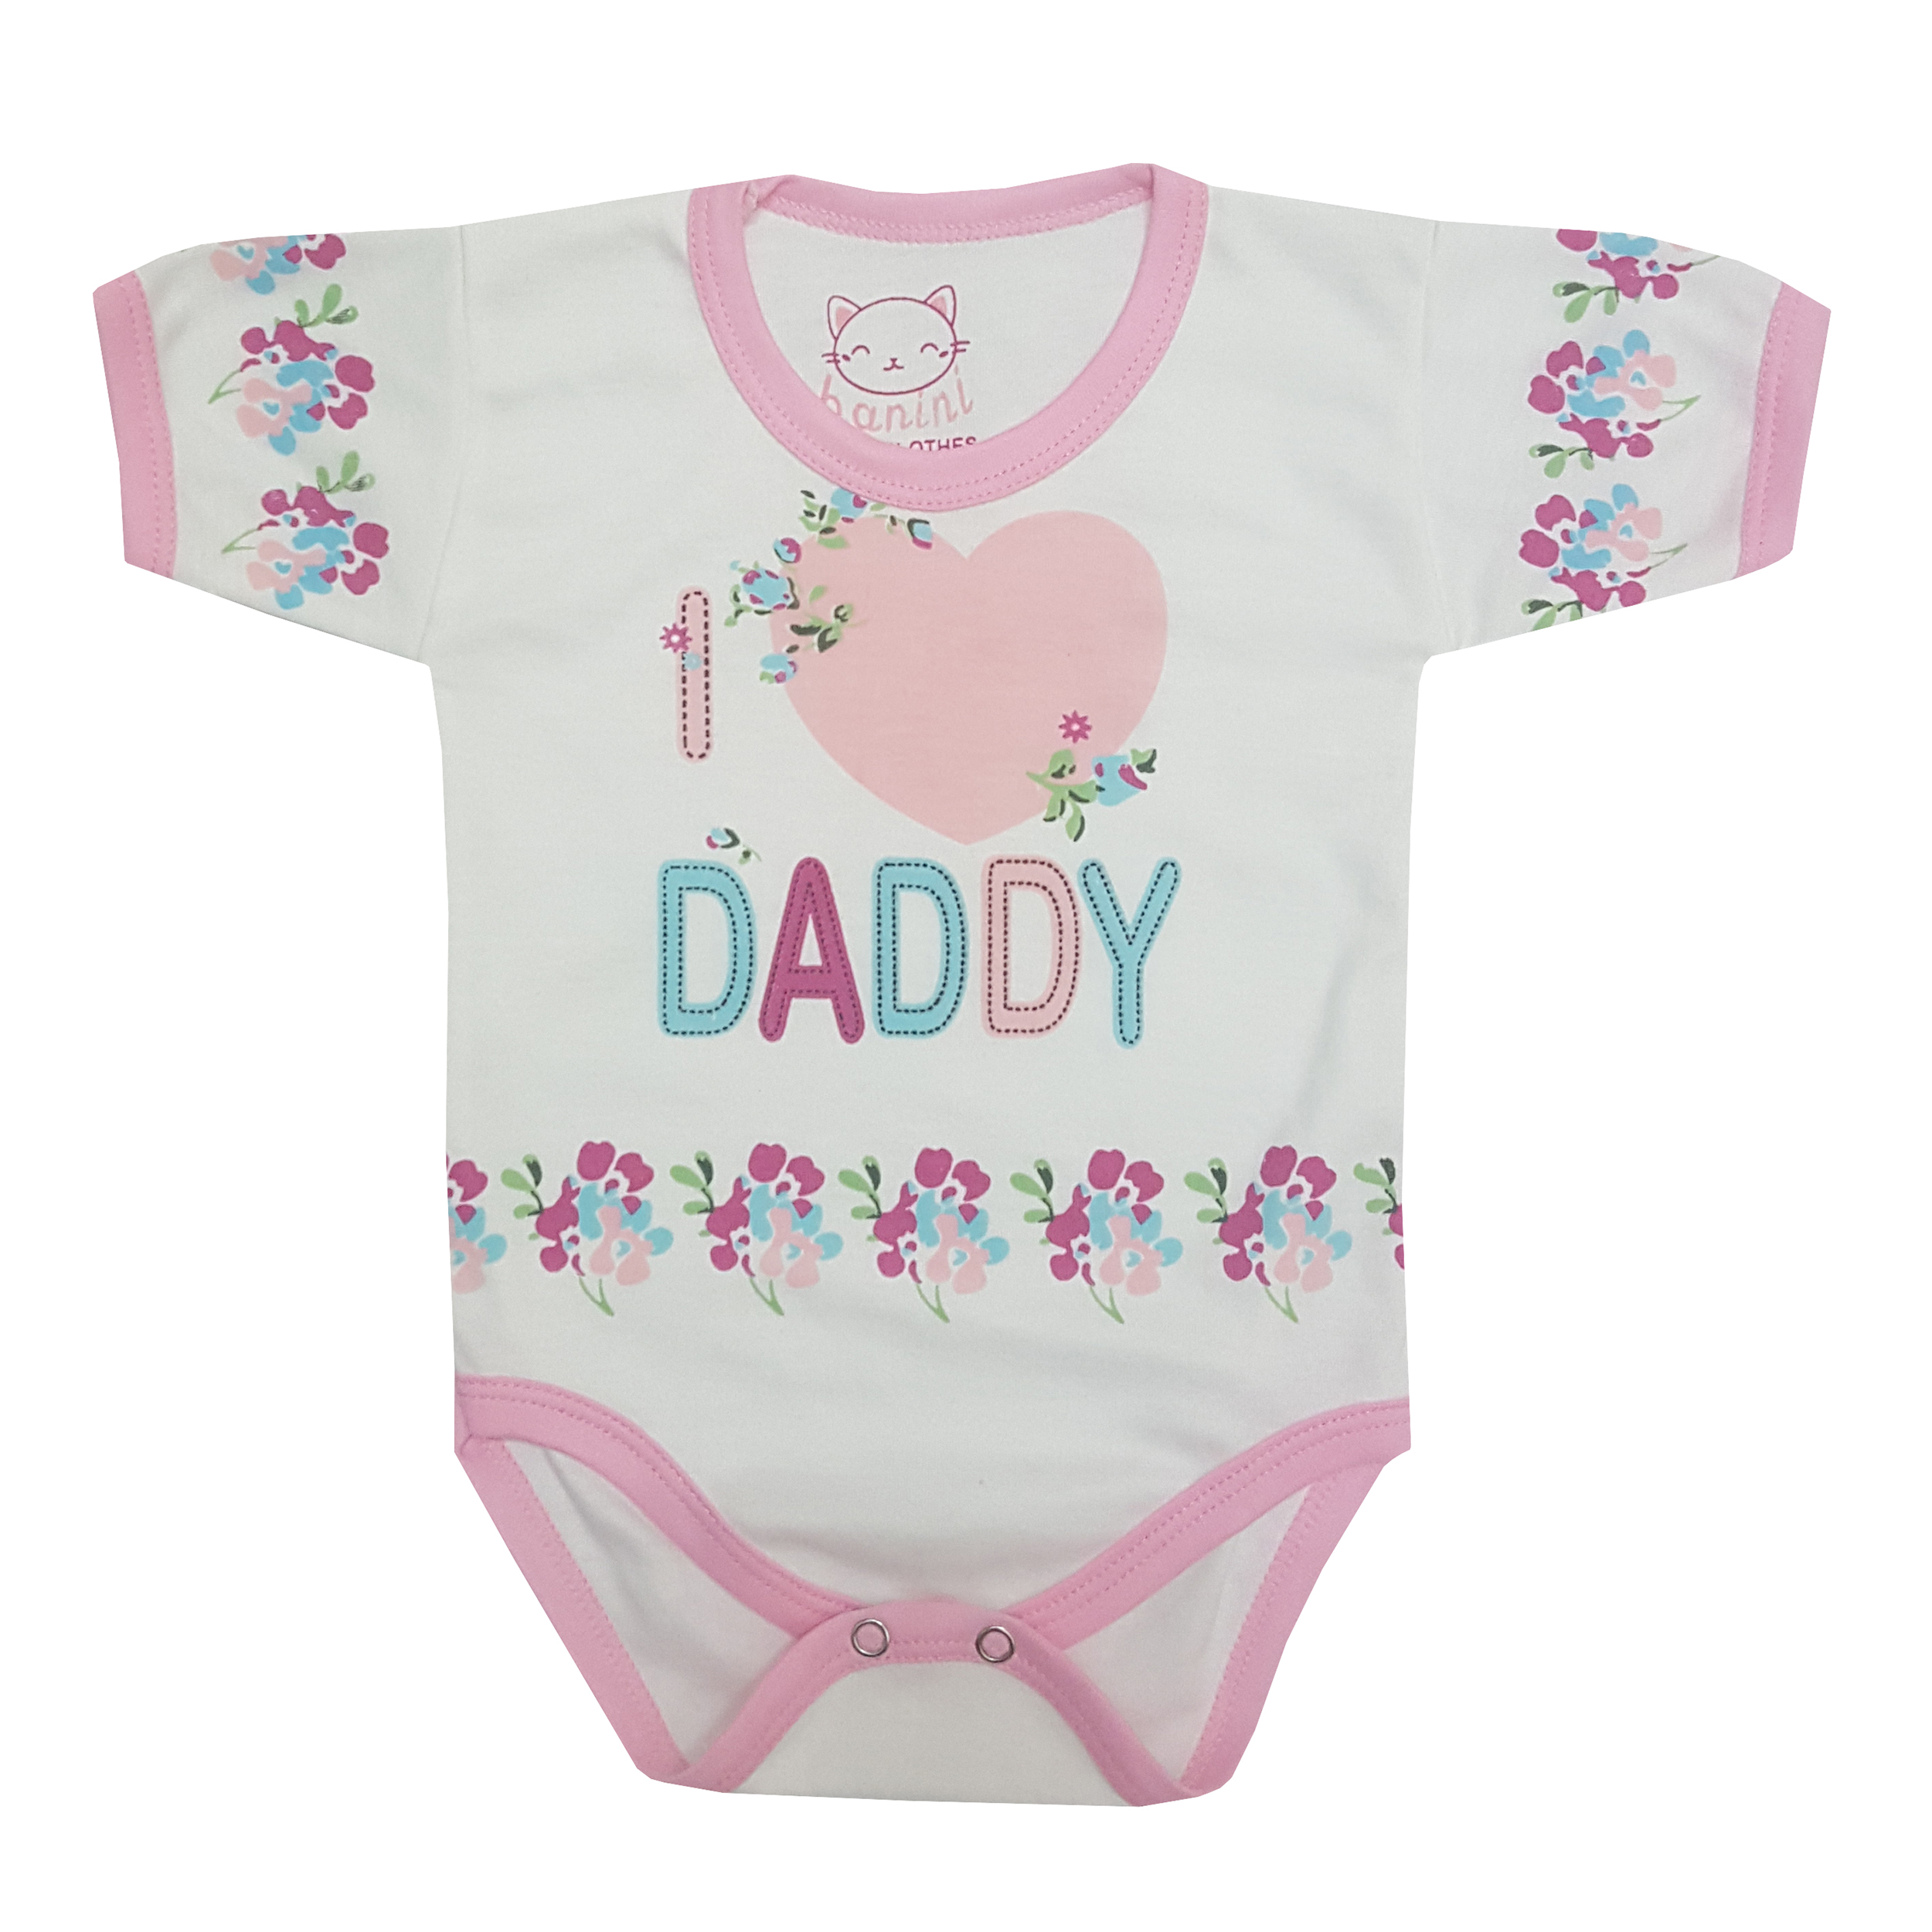 بادی نوزادی بانی نی طرح دوست دارم پدر